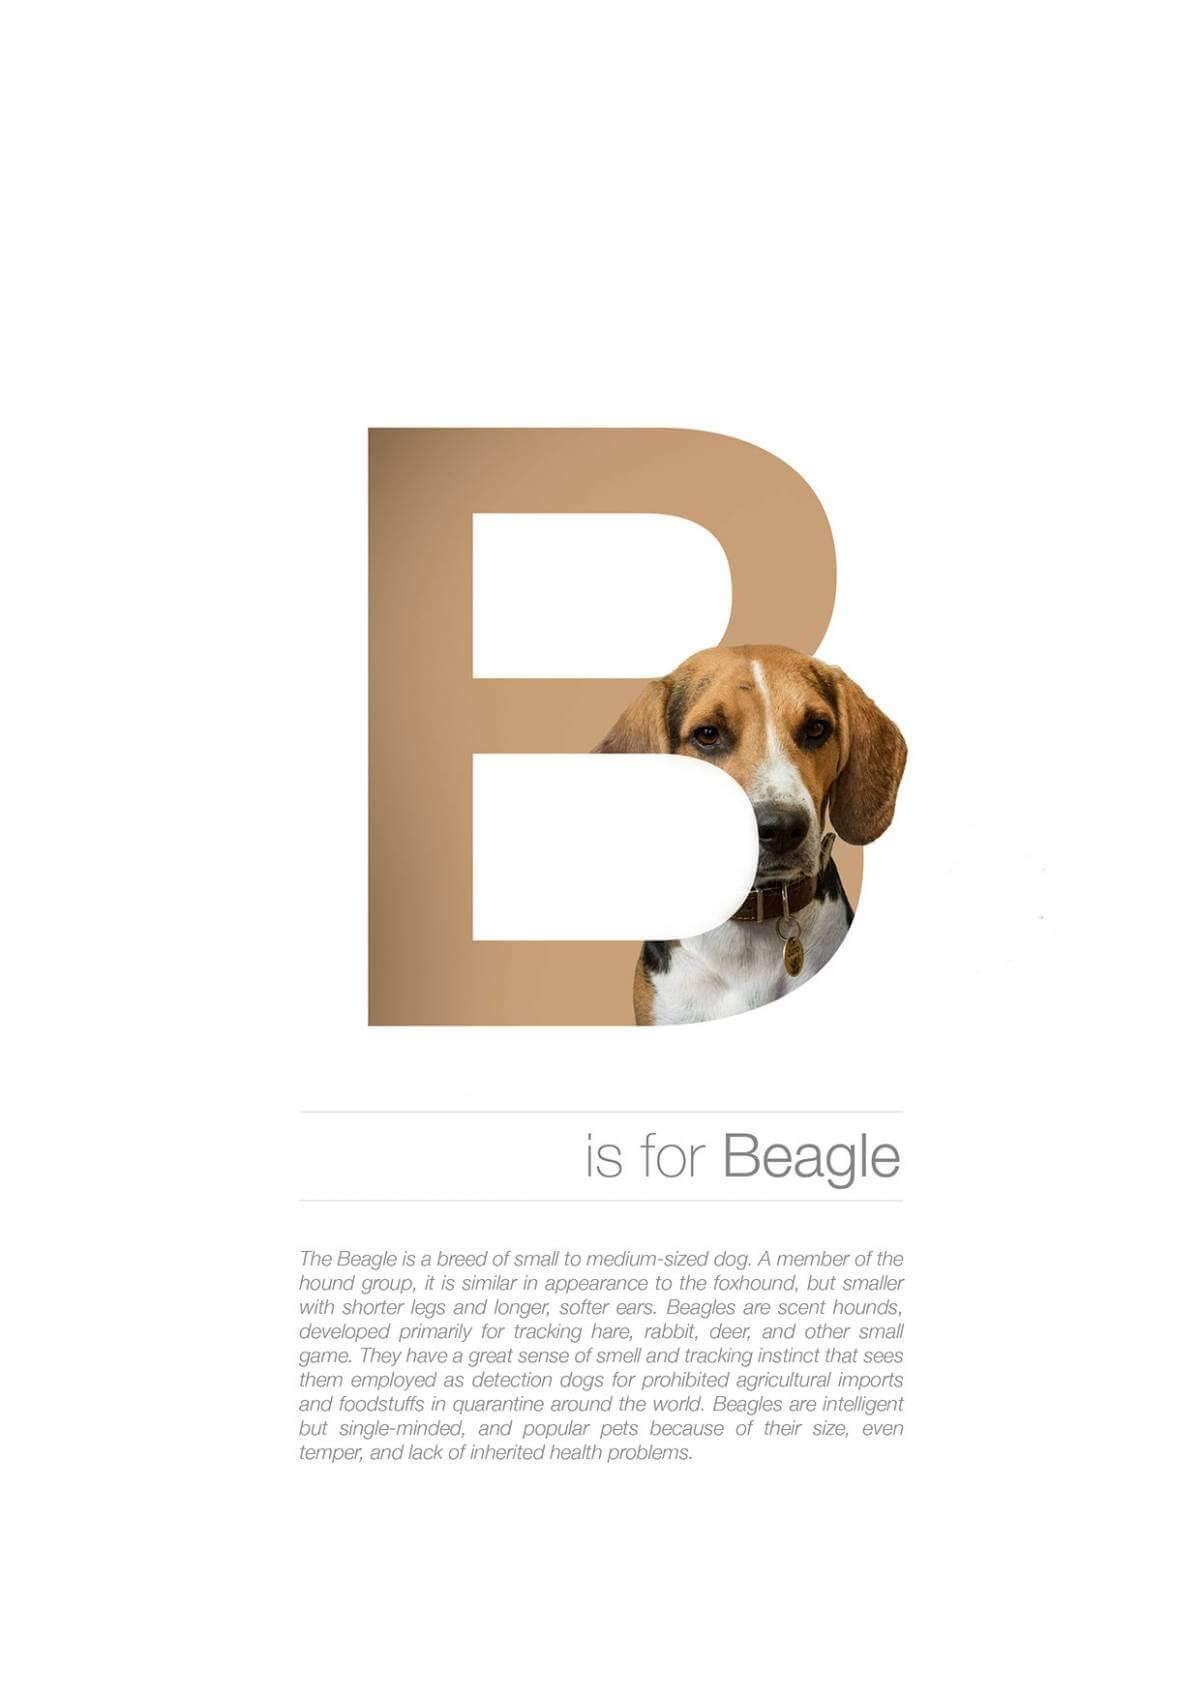 B ตัวอักษรกราฟฟิค A Z สายพันธุ์หมาไอเดียน่ารักจากดีไซน์เนอร์โรมาเนีย